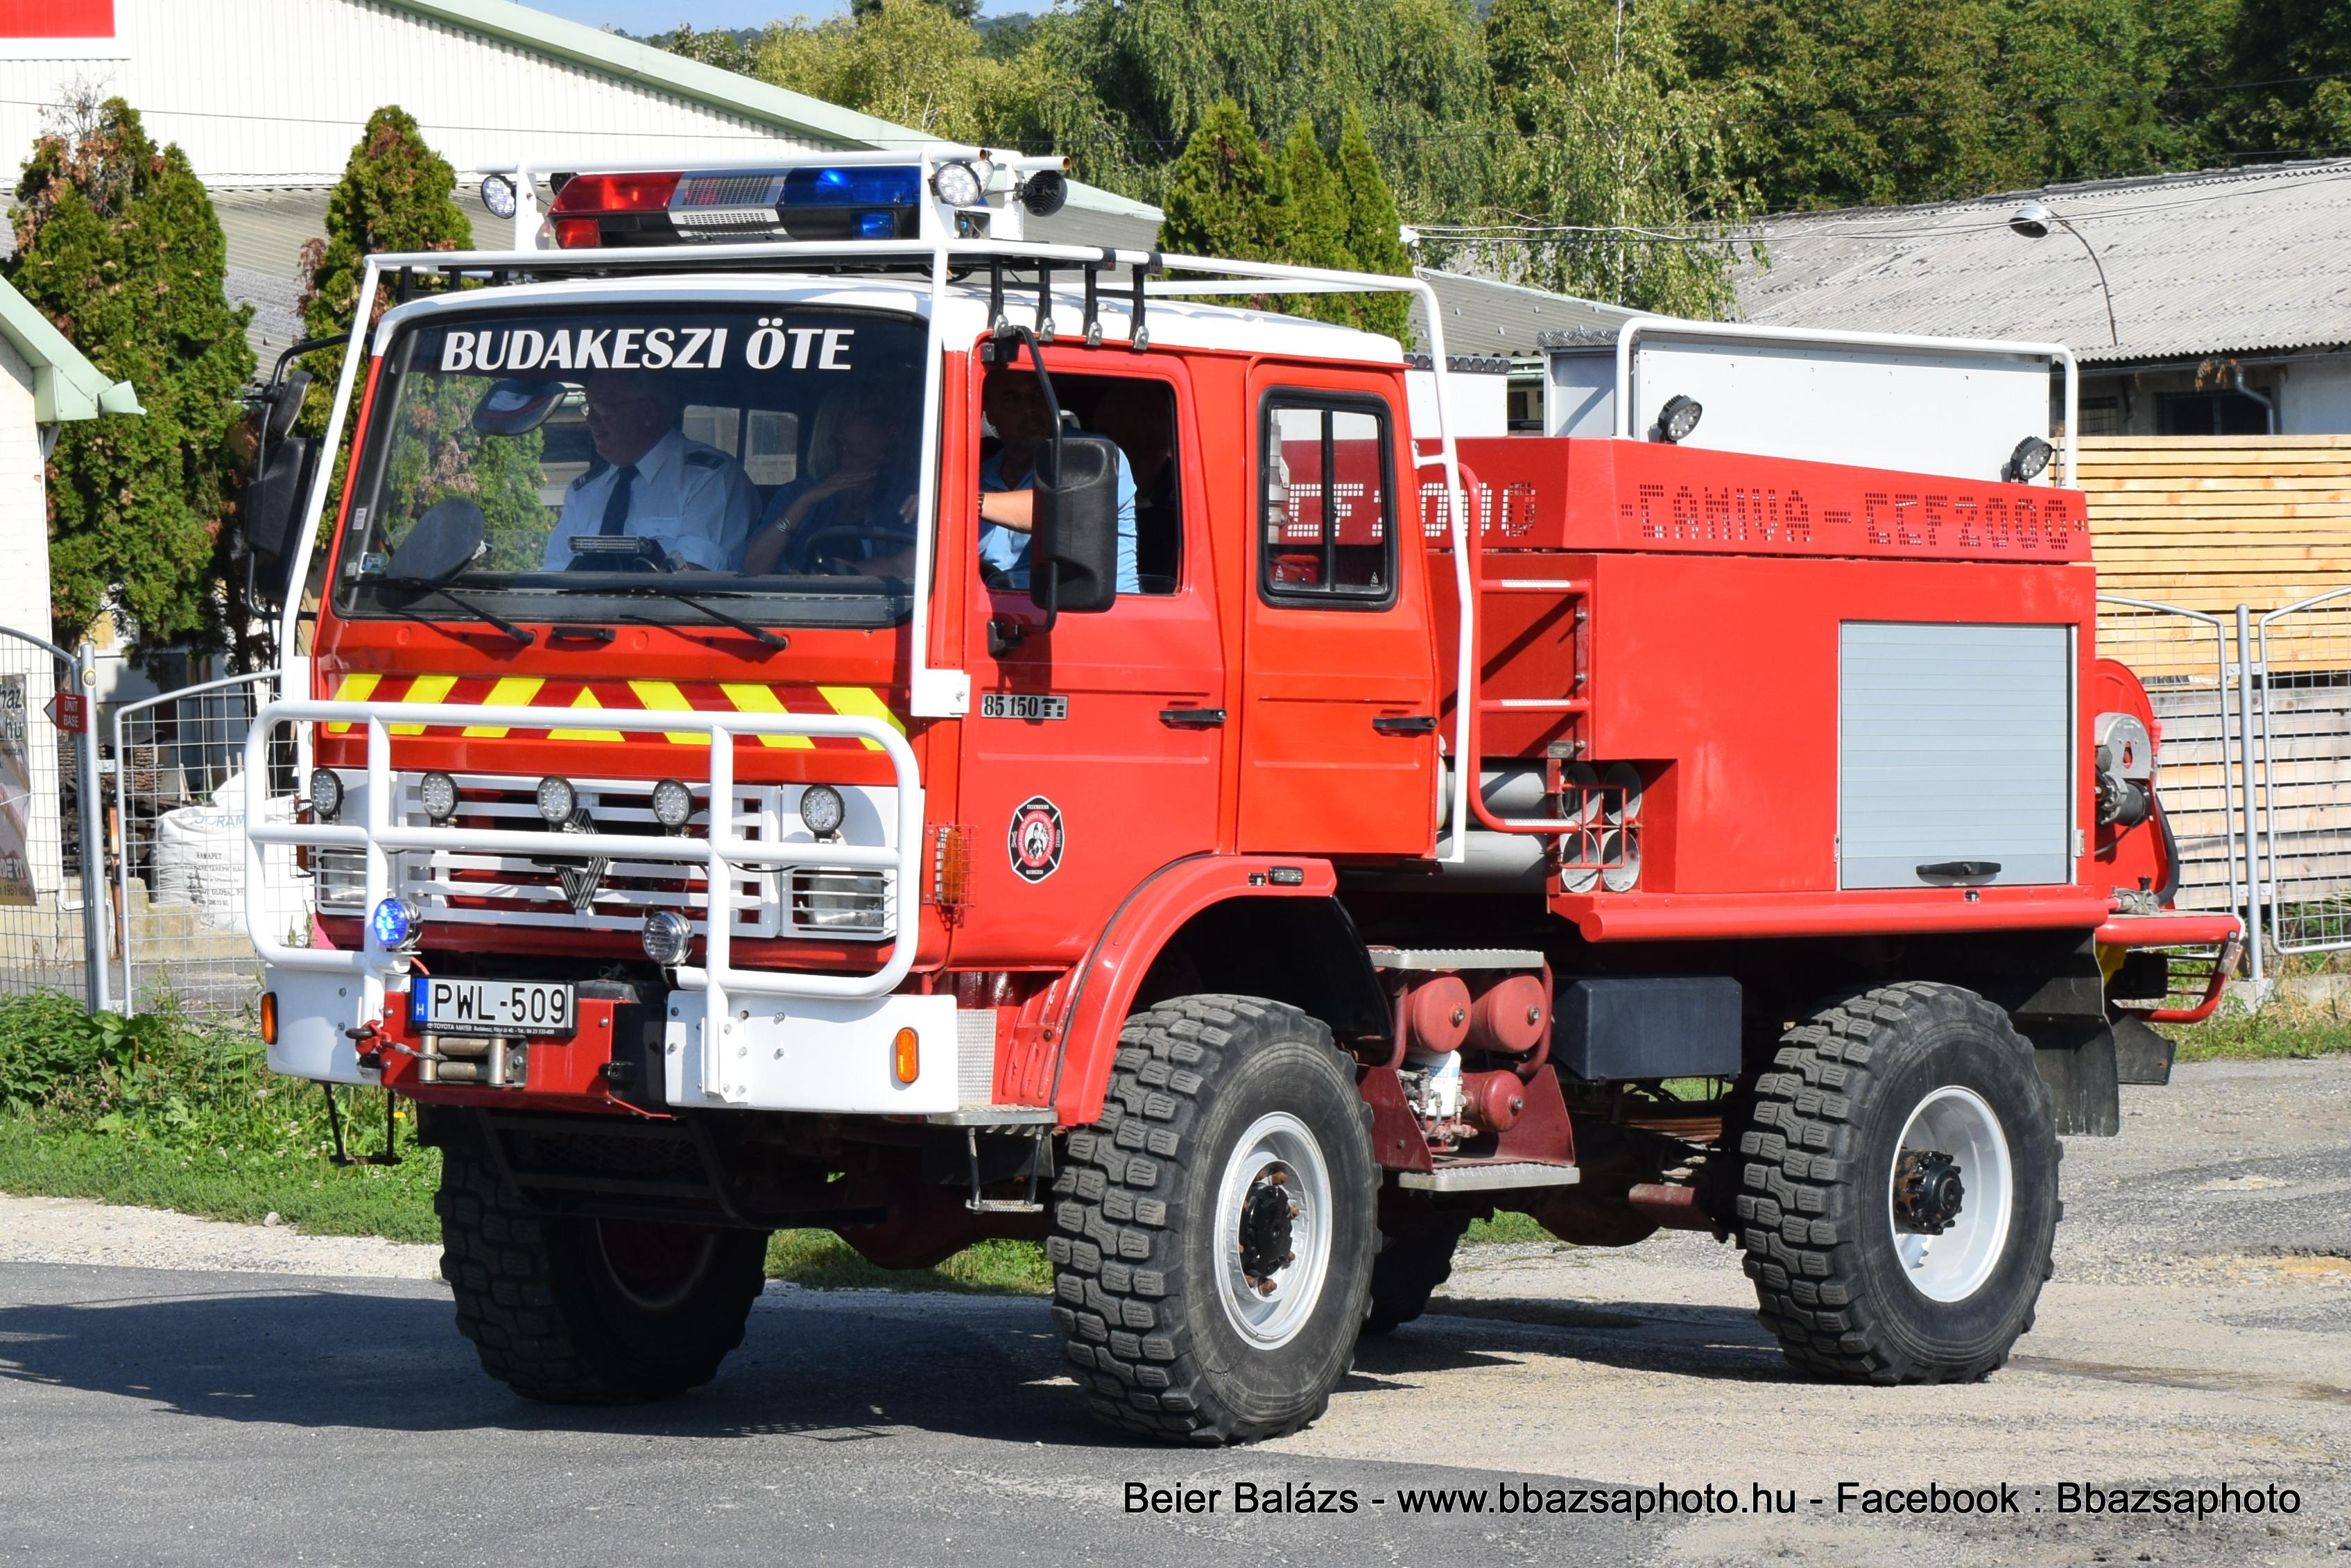 Renault 85 150 T1 Camiva CCF 2000 – Budakeszi ÖTE